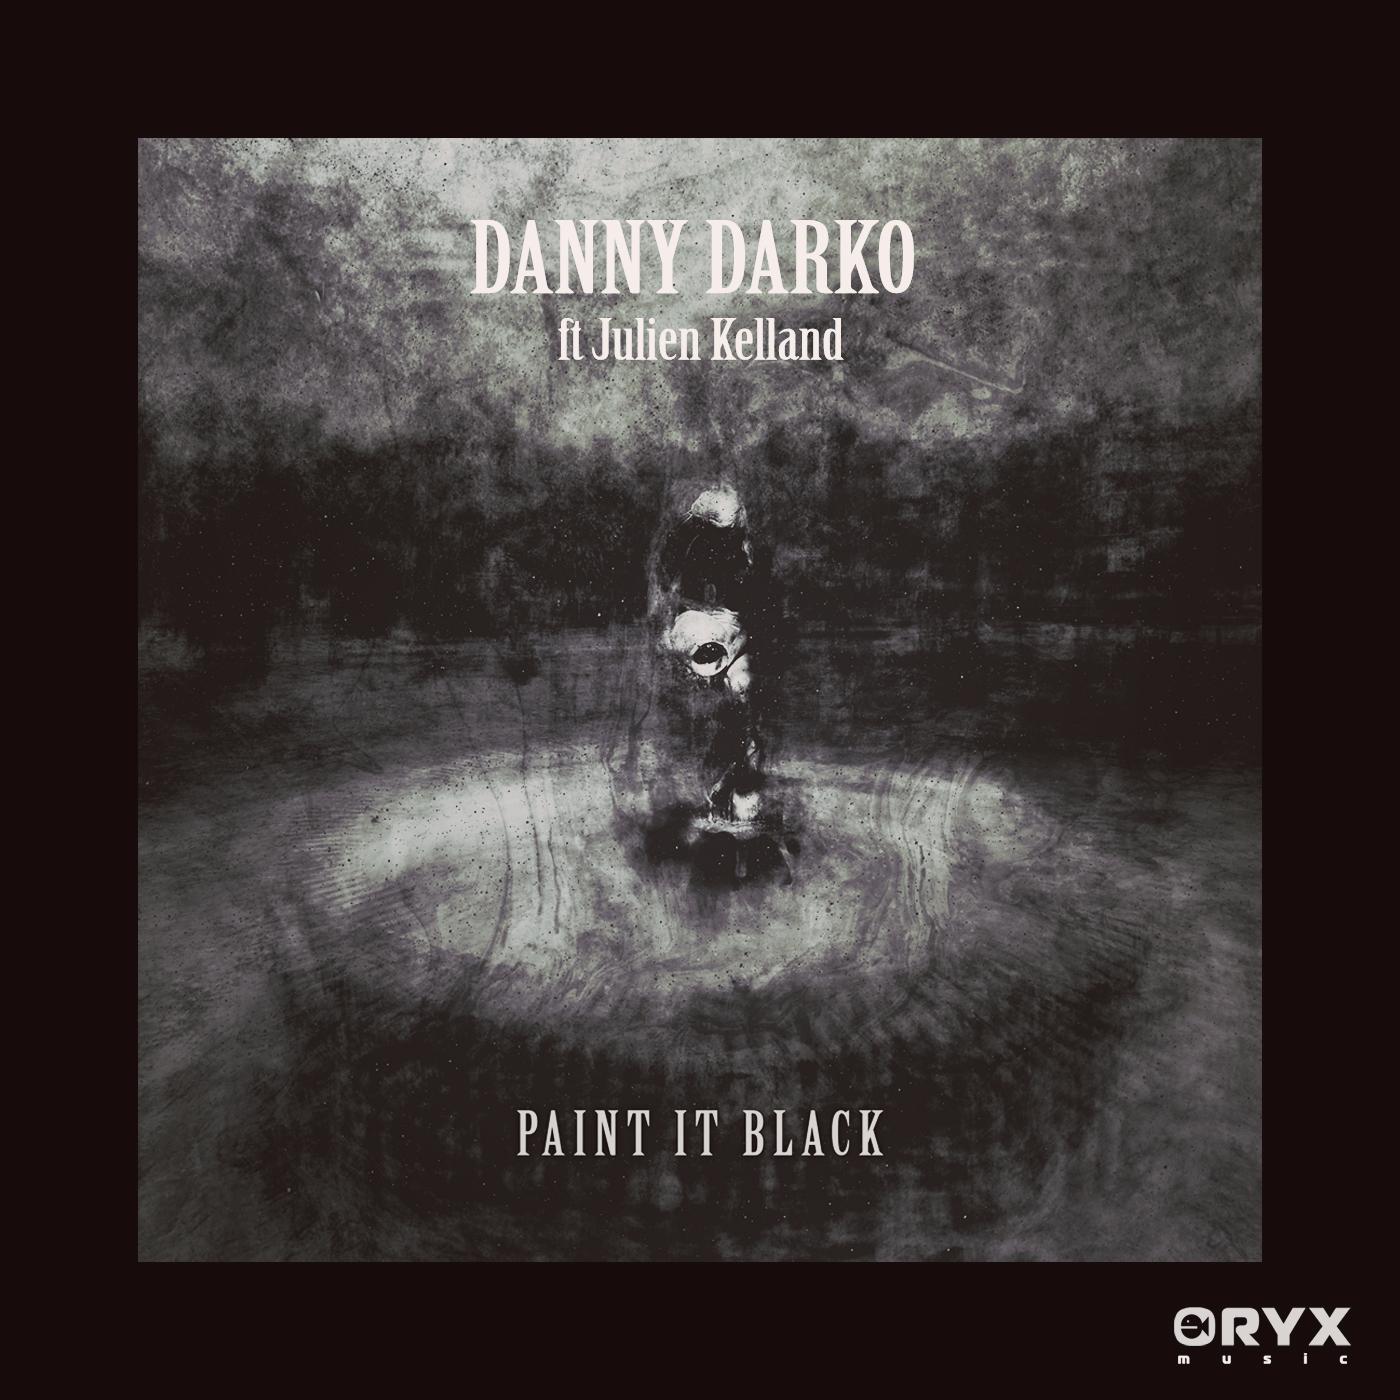 REMIX CONTEST - PAINT IT BLACK by Danny Darko ft Julien Kelland